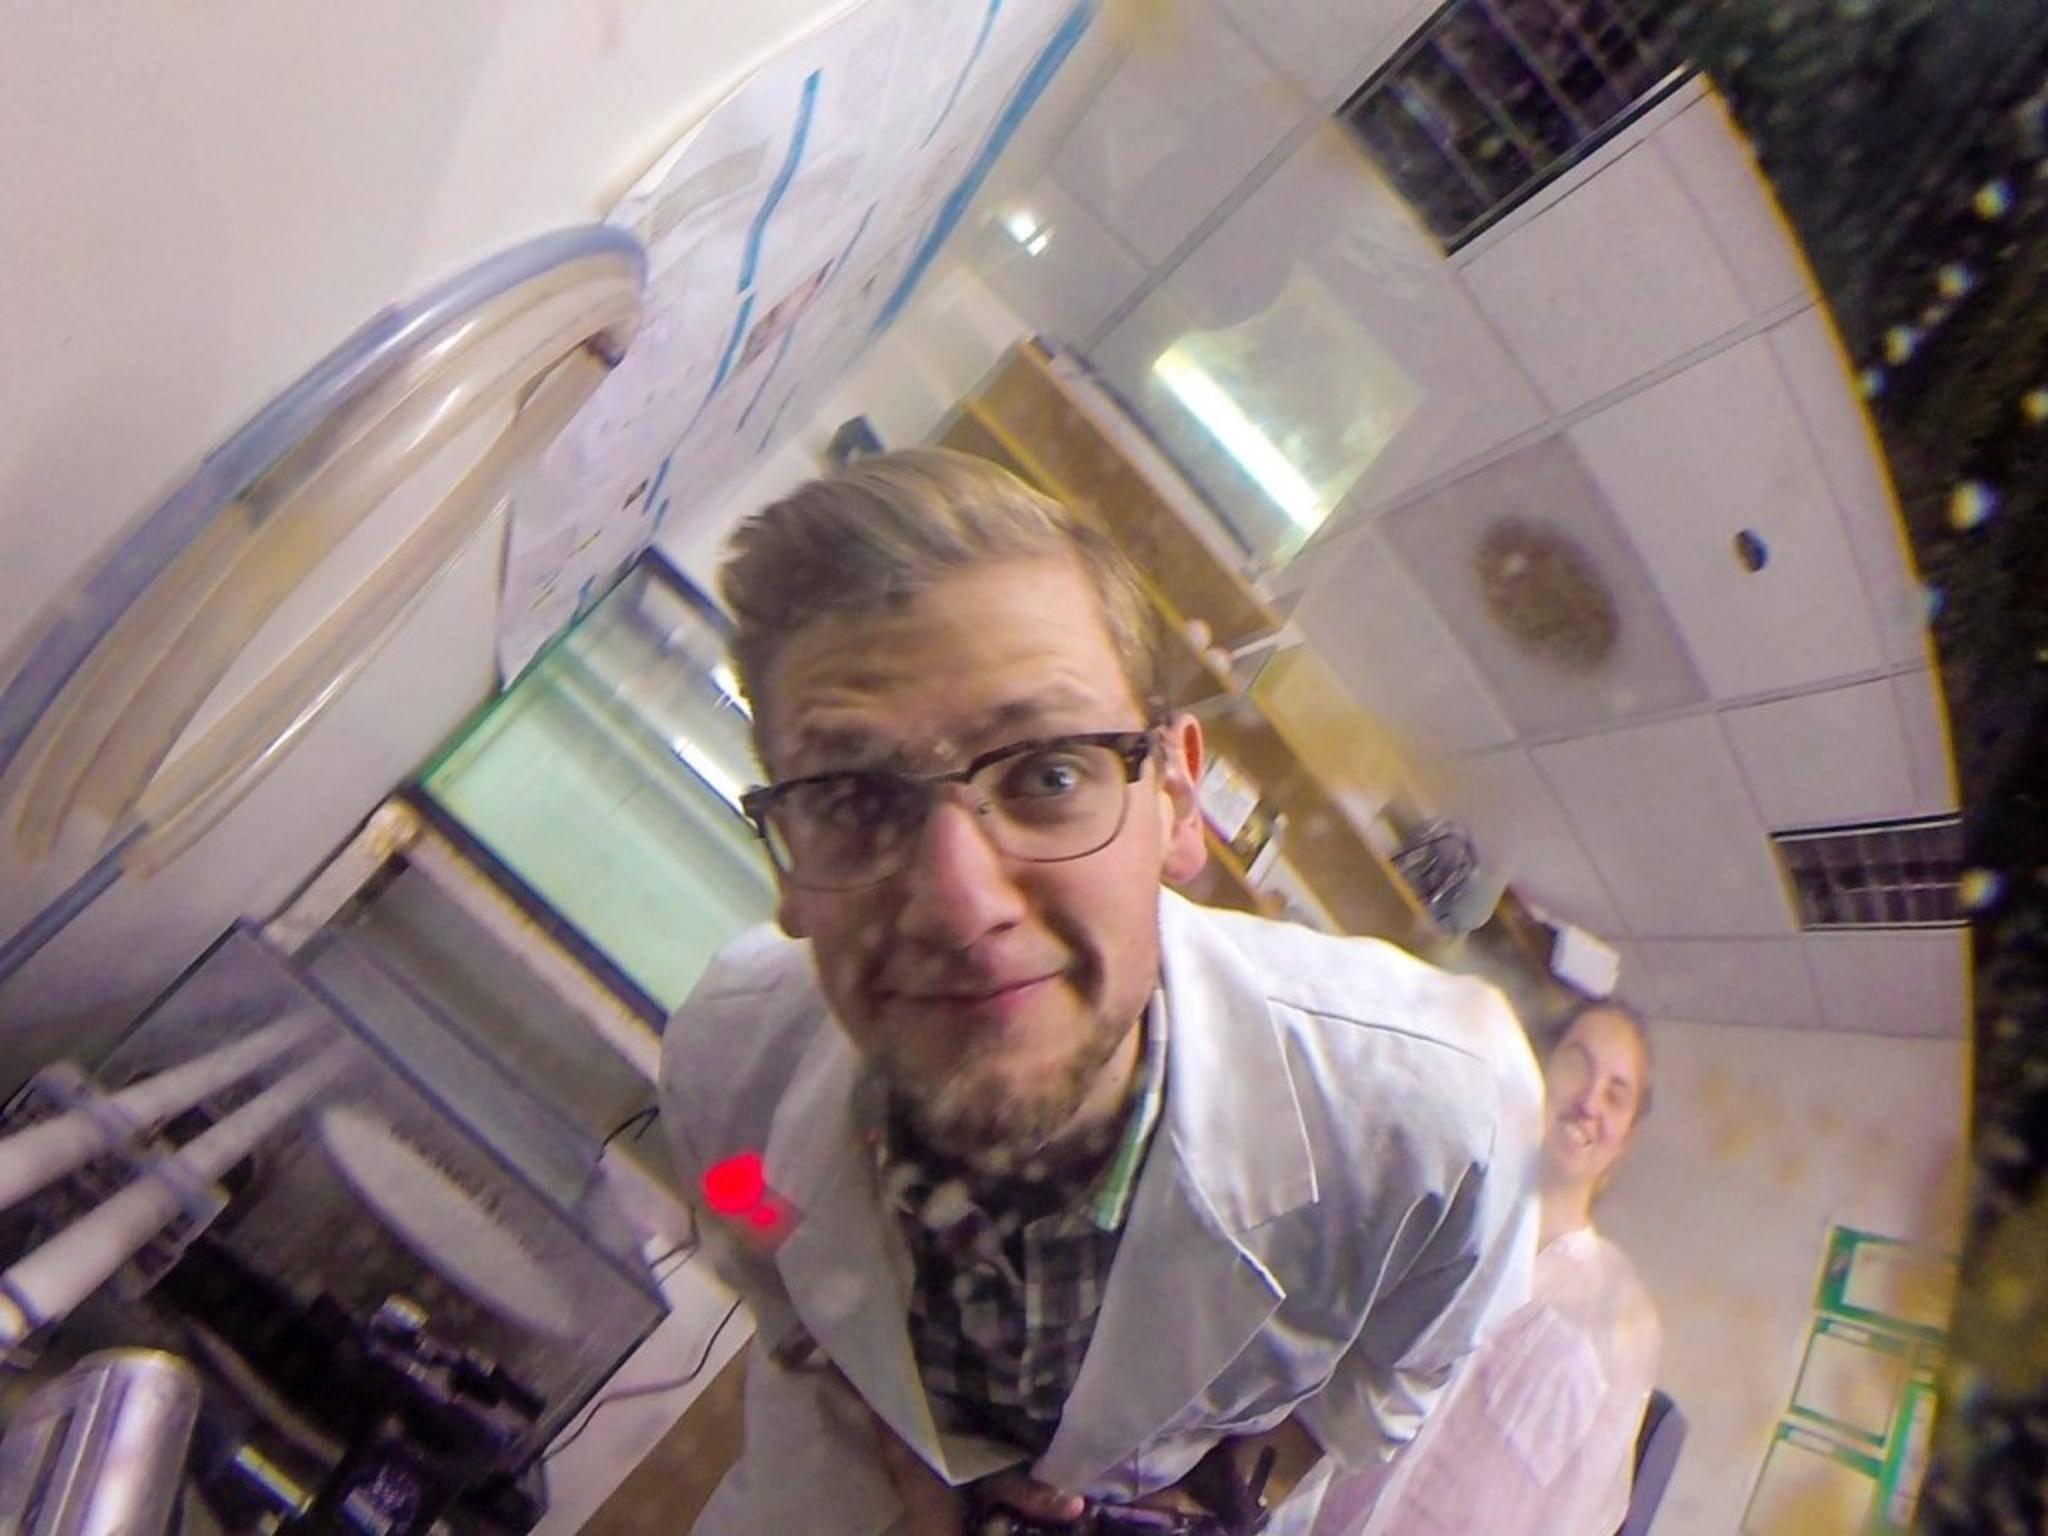 Ein Krake kann mit einer GoPro ganz schön viel Unsinn anstellen.